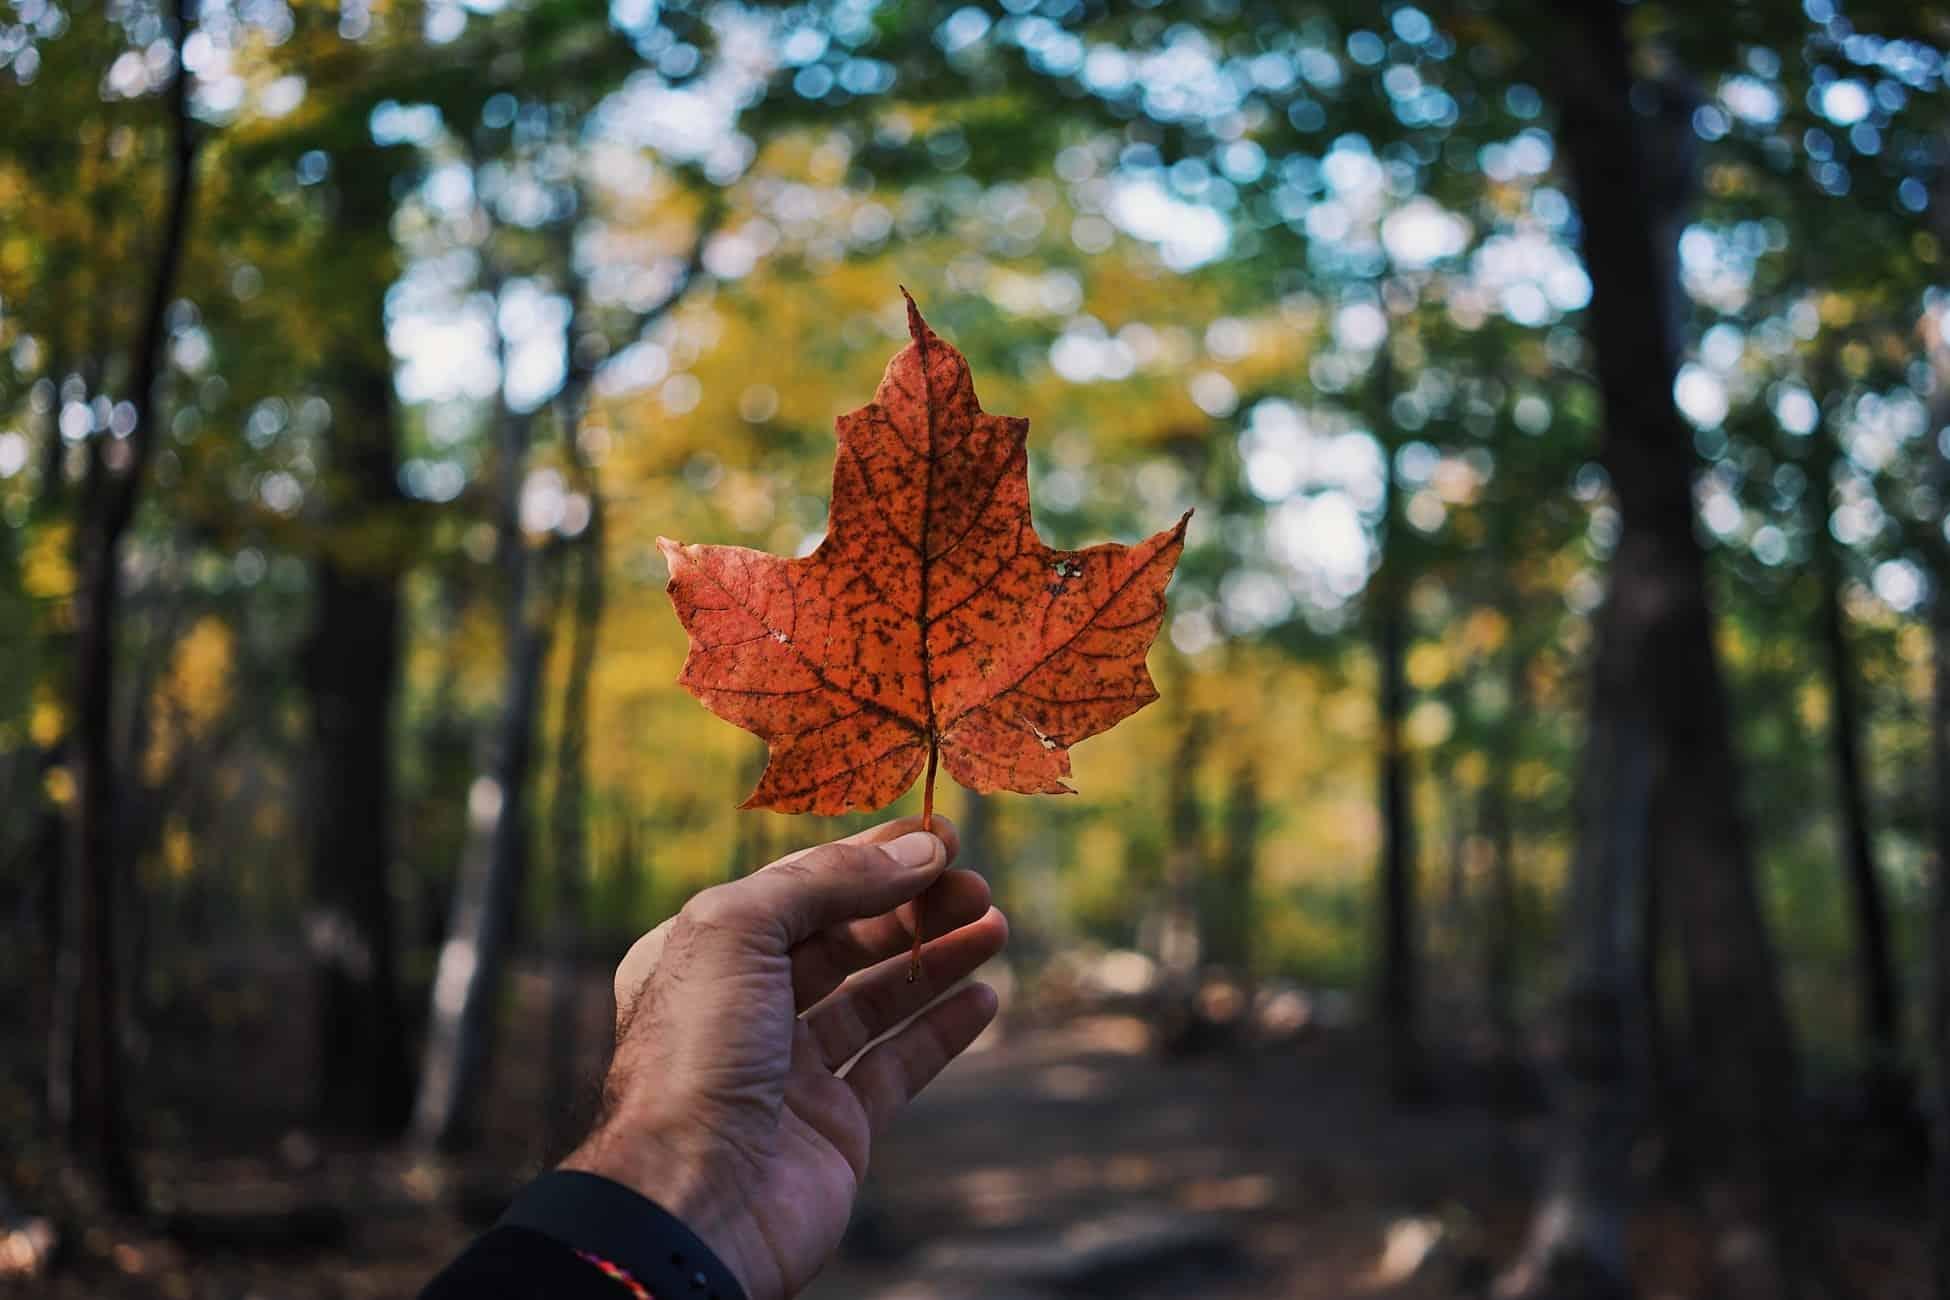 Leaf of Canada